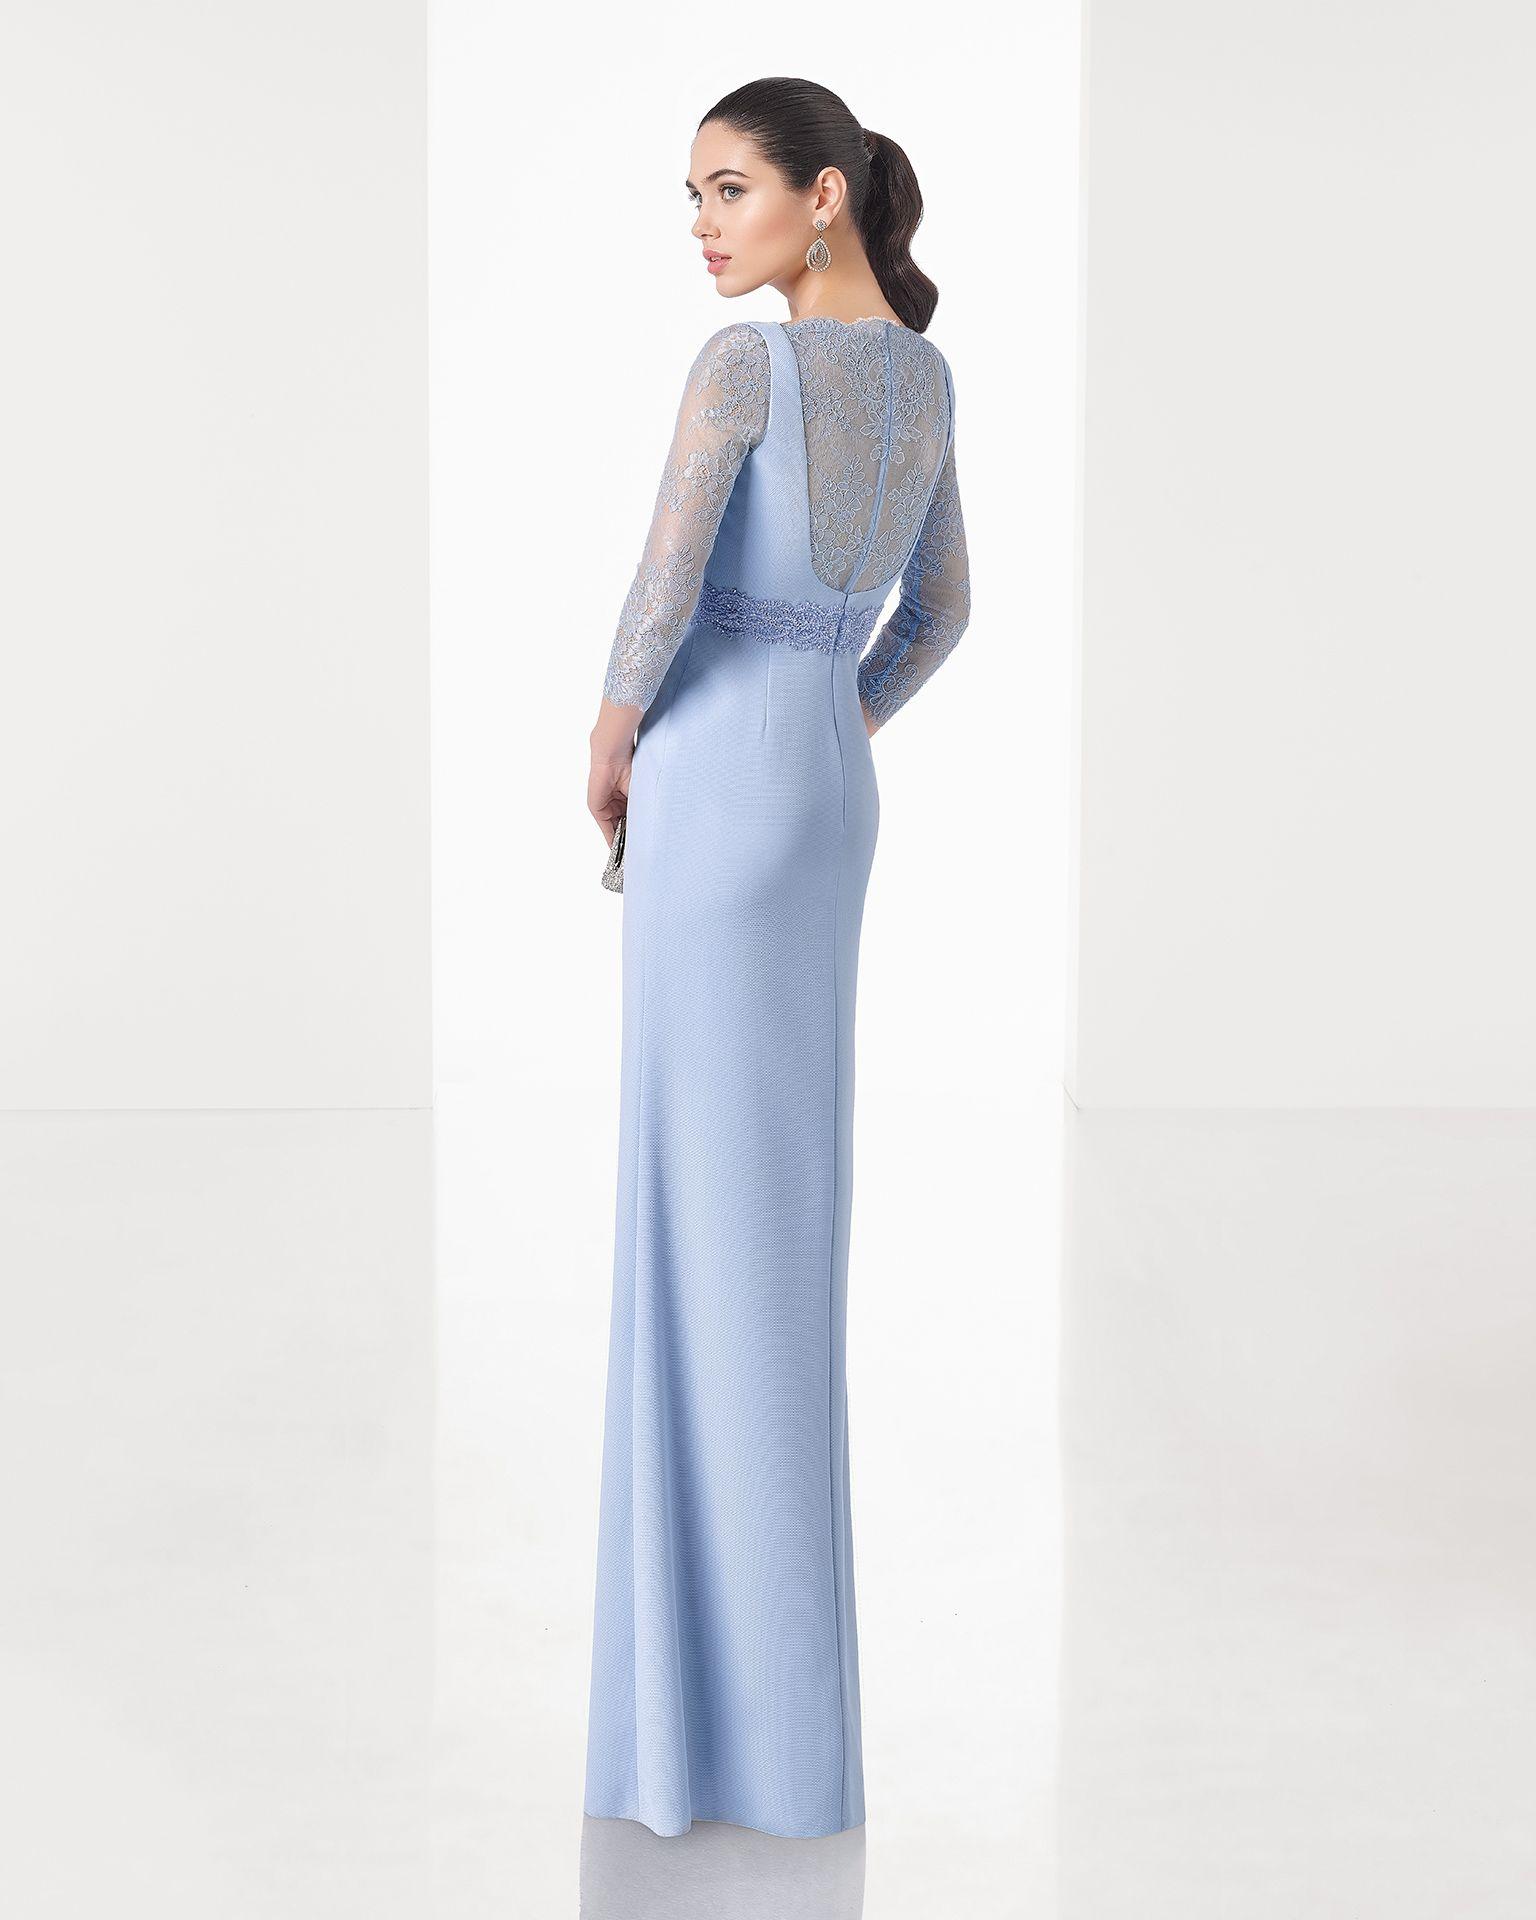 3aef0a021 Vestido de fiesta largo clásico de costura de sarga con espalda y manga  francesa de encaje con pedrería